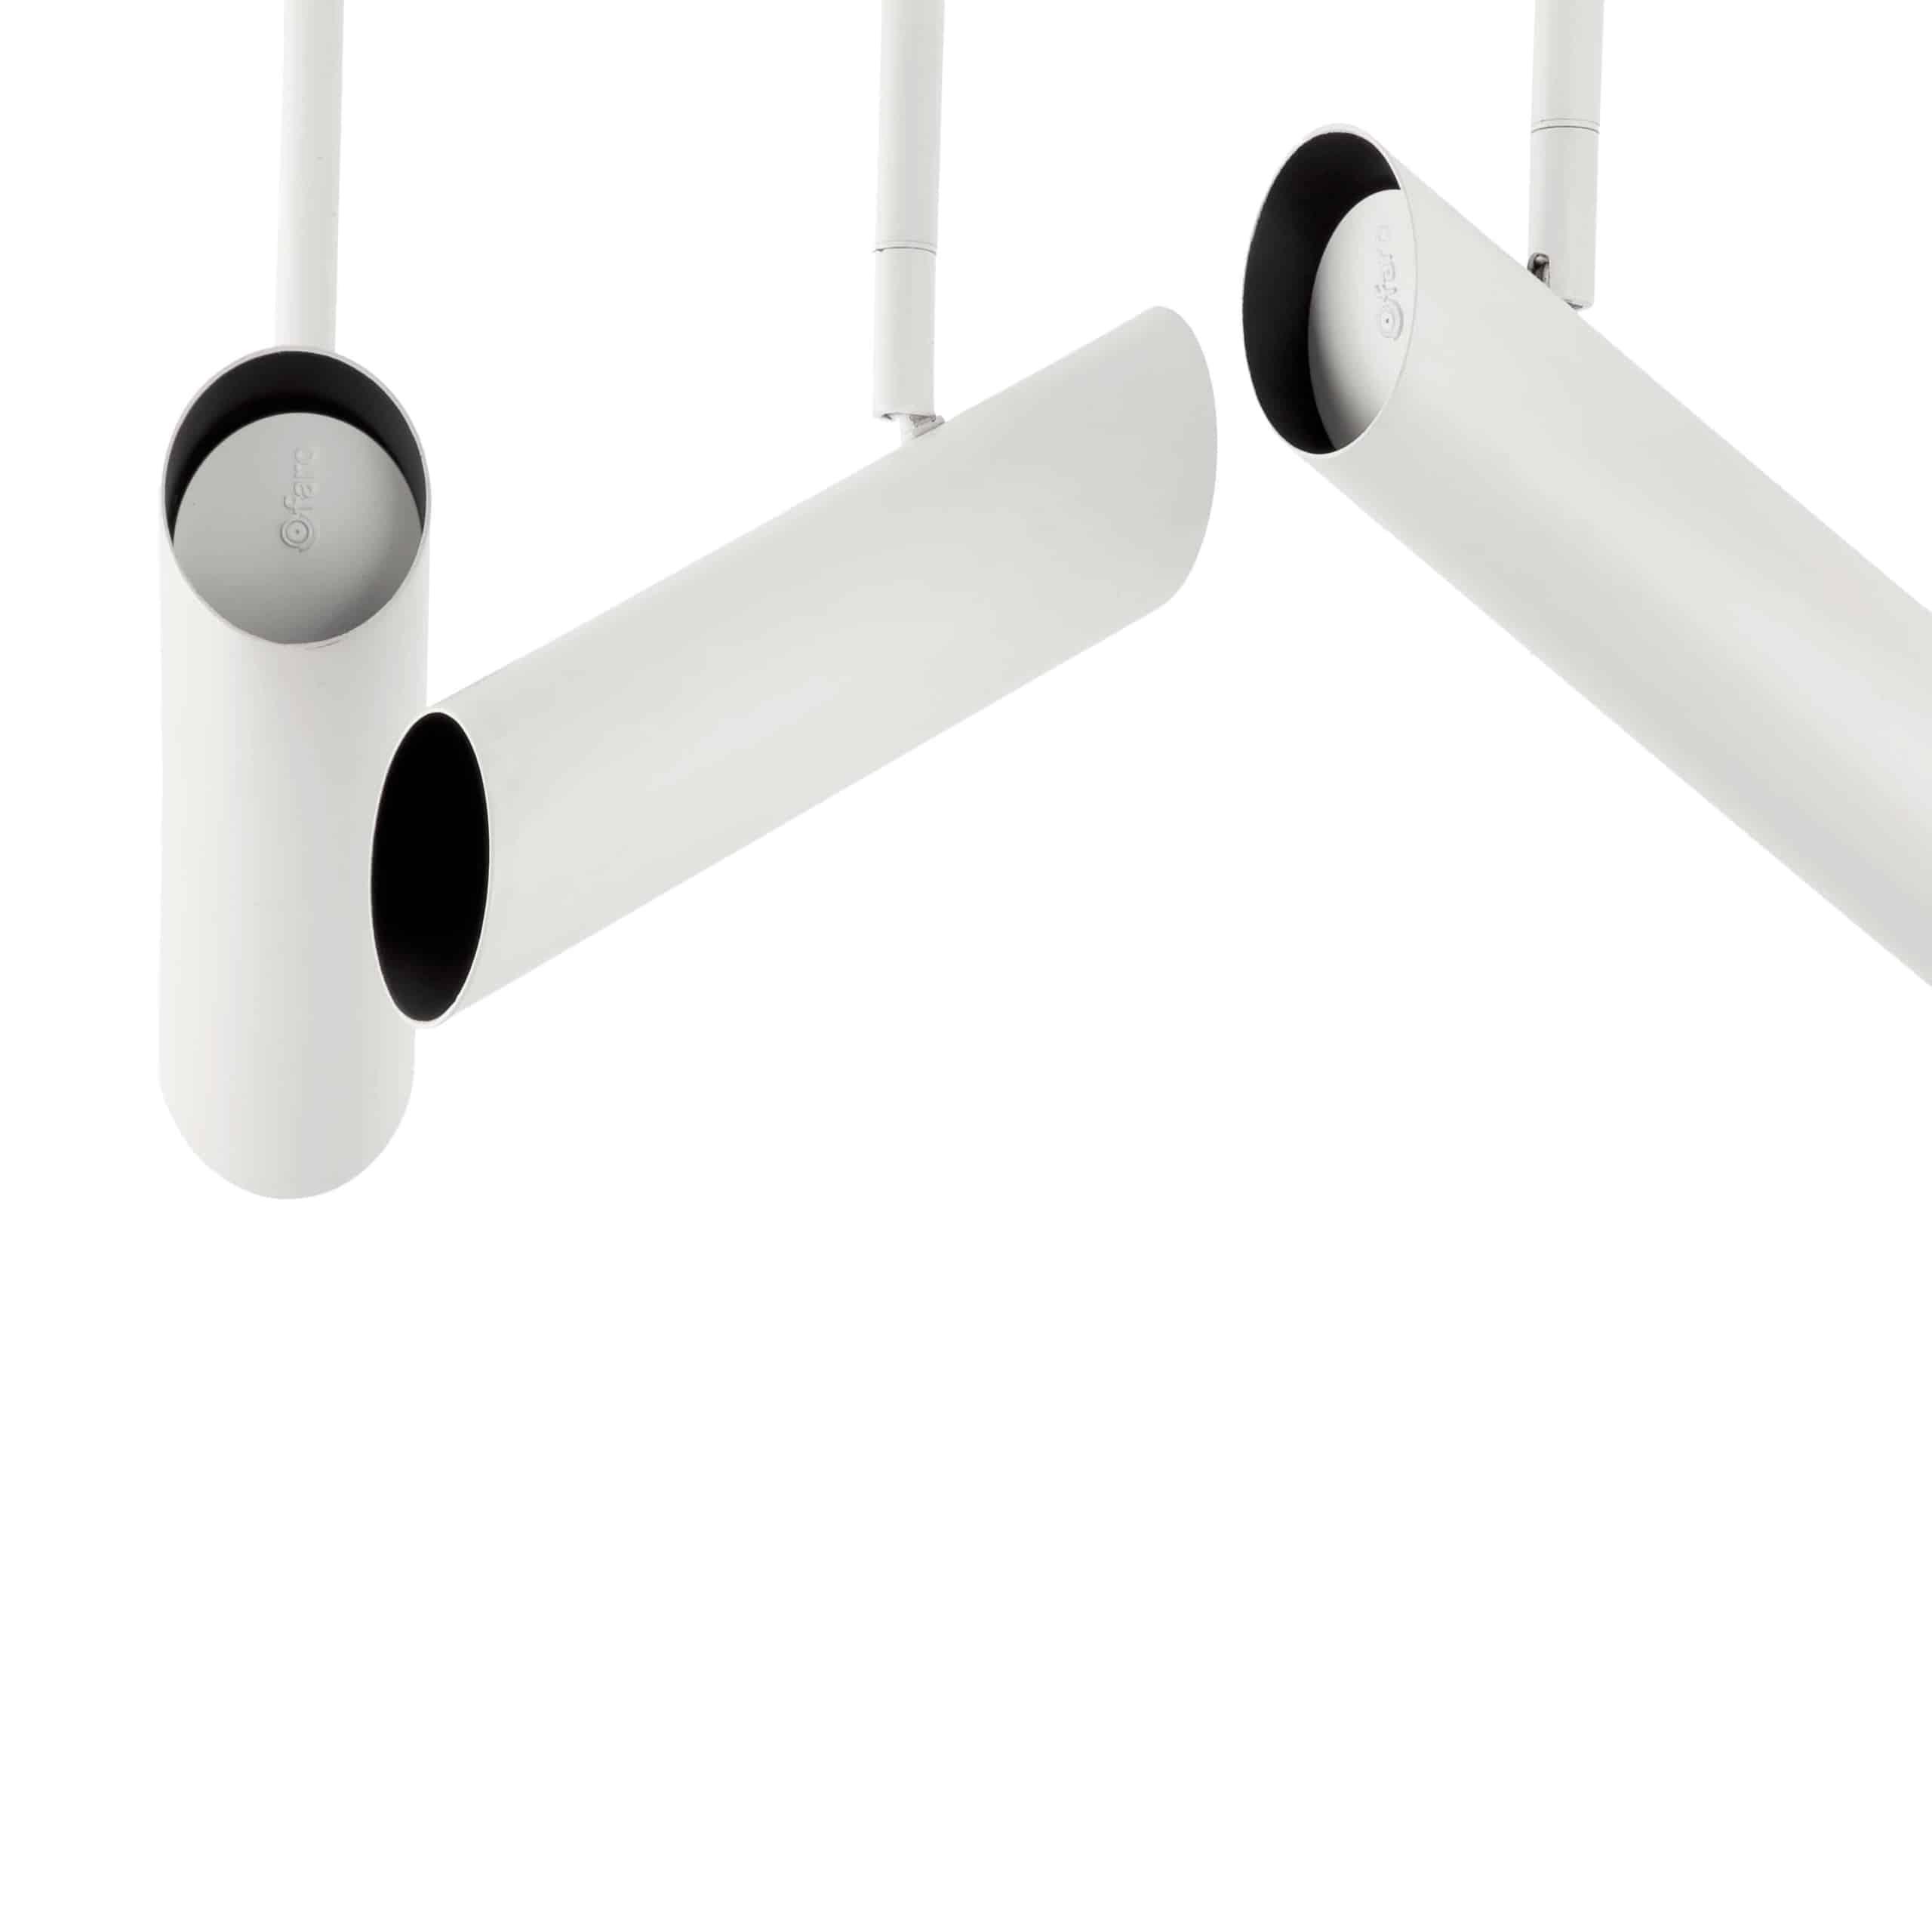 4 lempų lubinis kryptinis šviestuvas FARO LINK